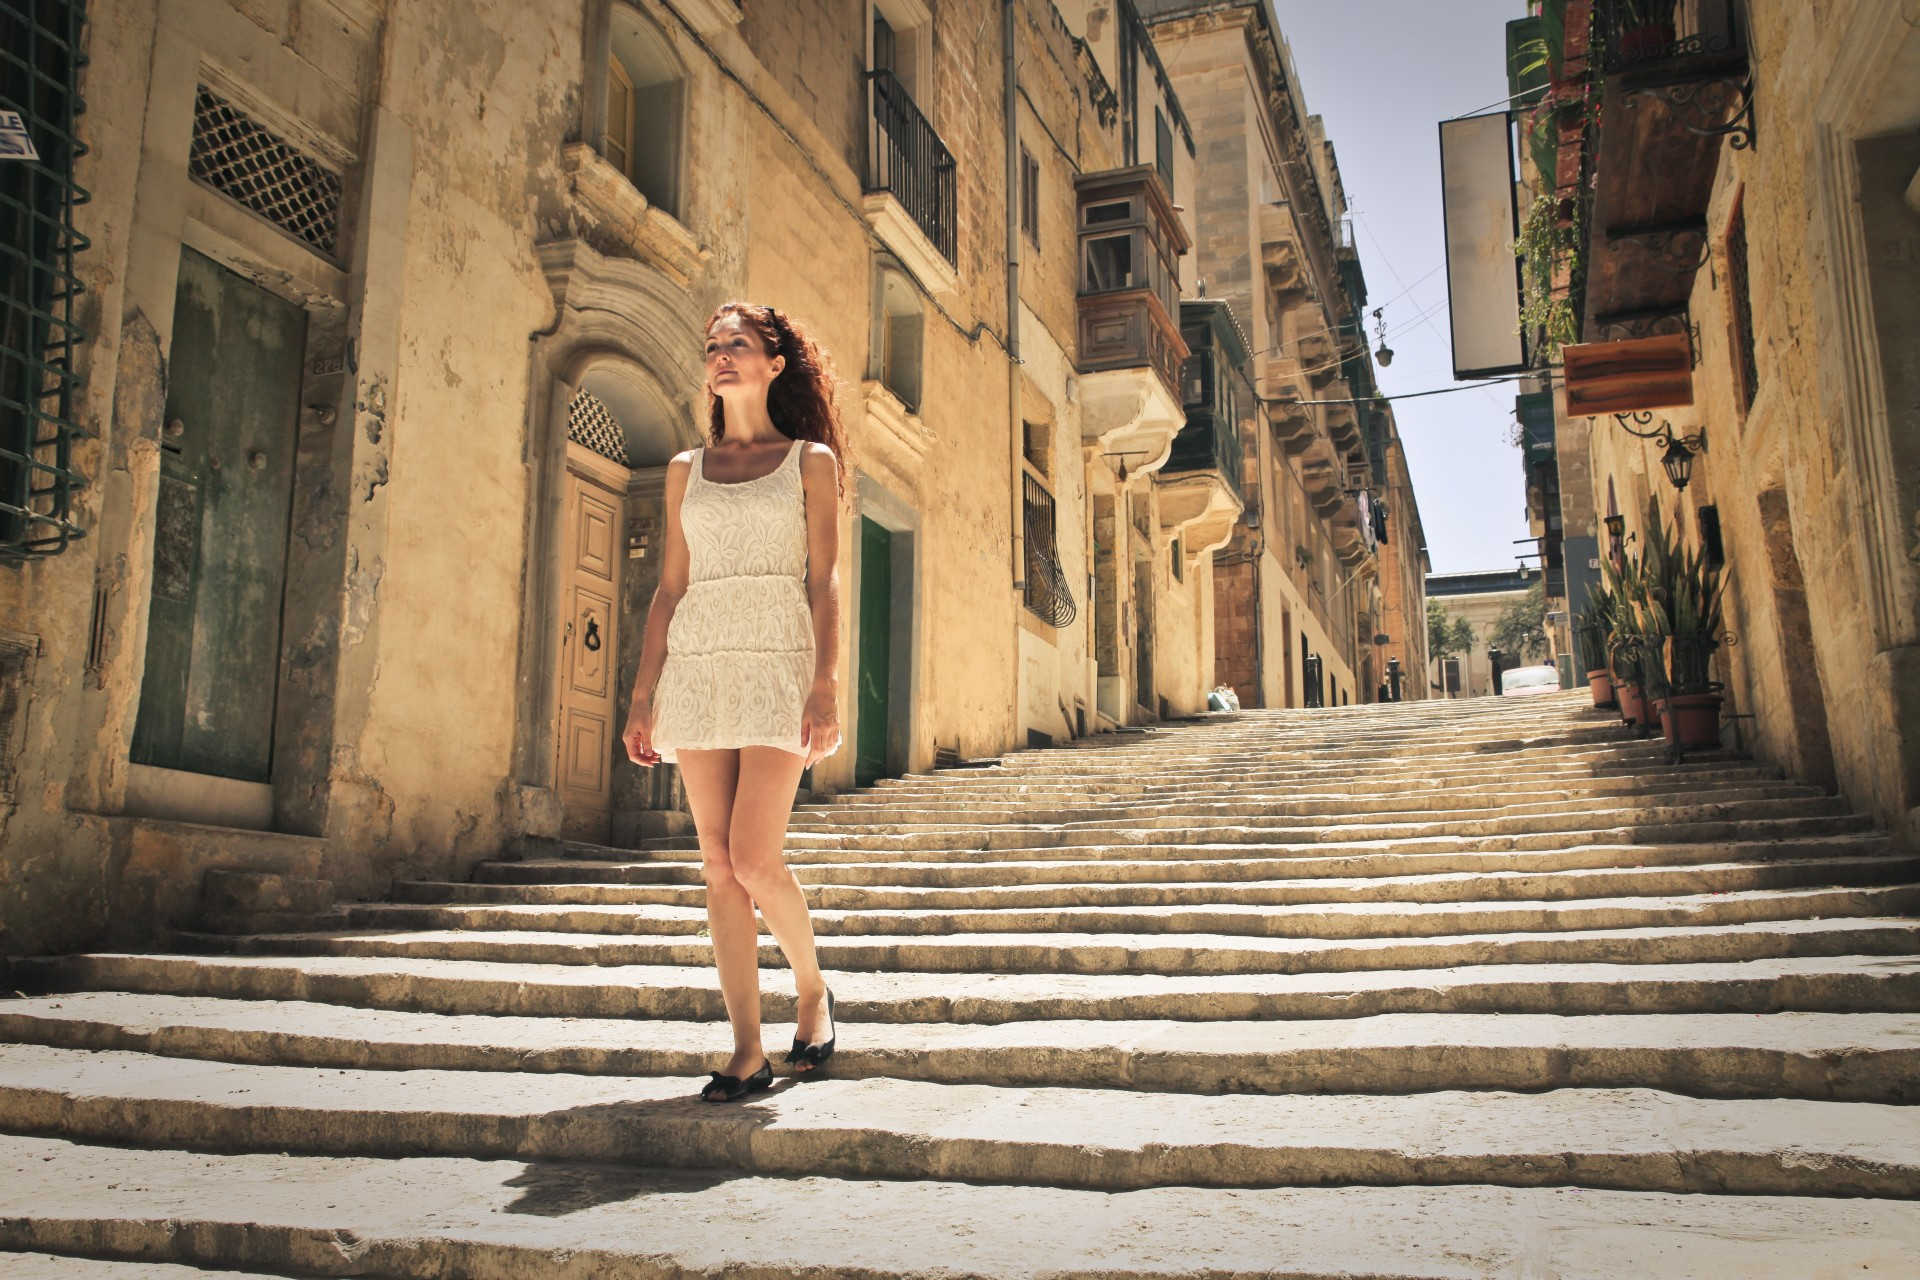 Vrouw op Straat, op trap, Valletta, Malta